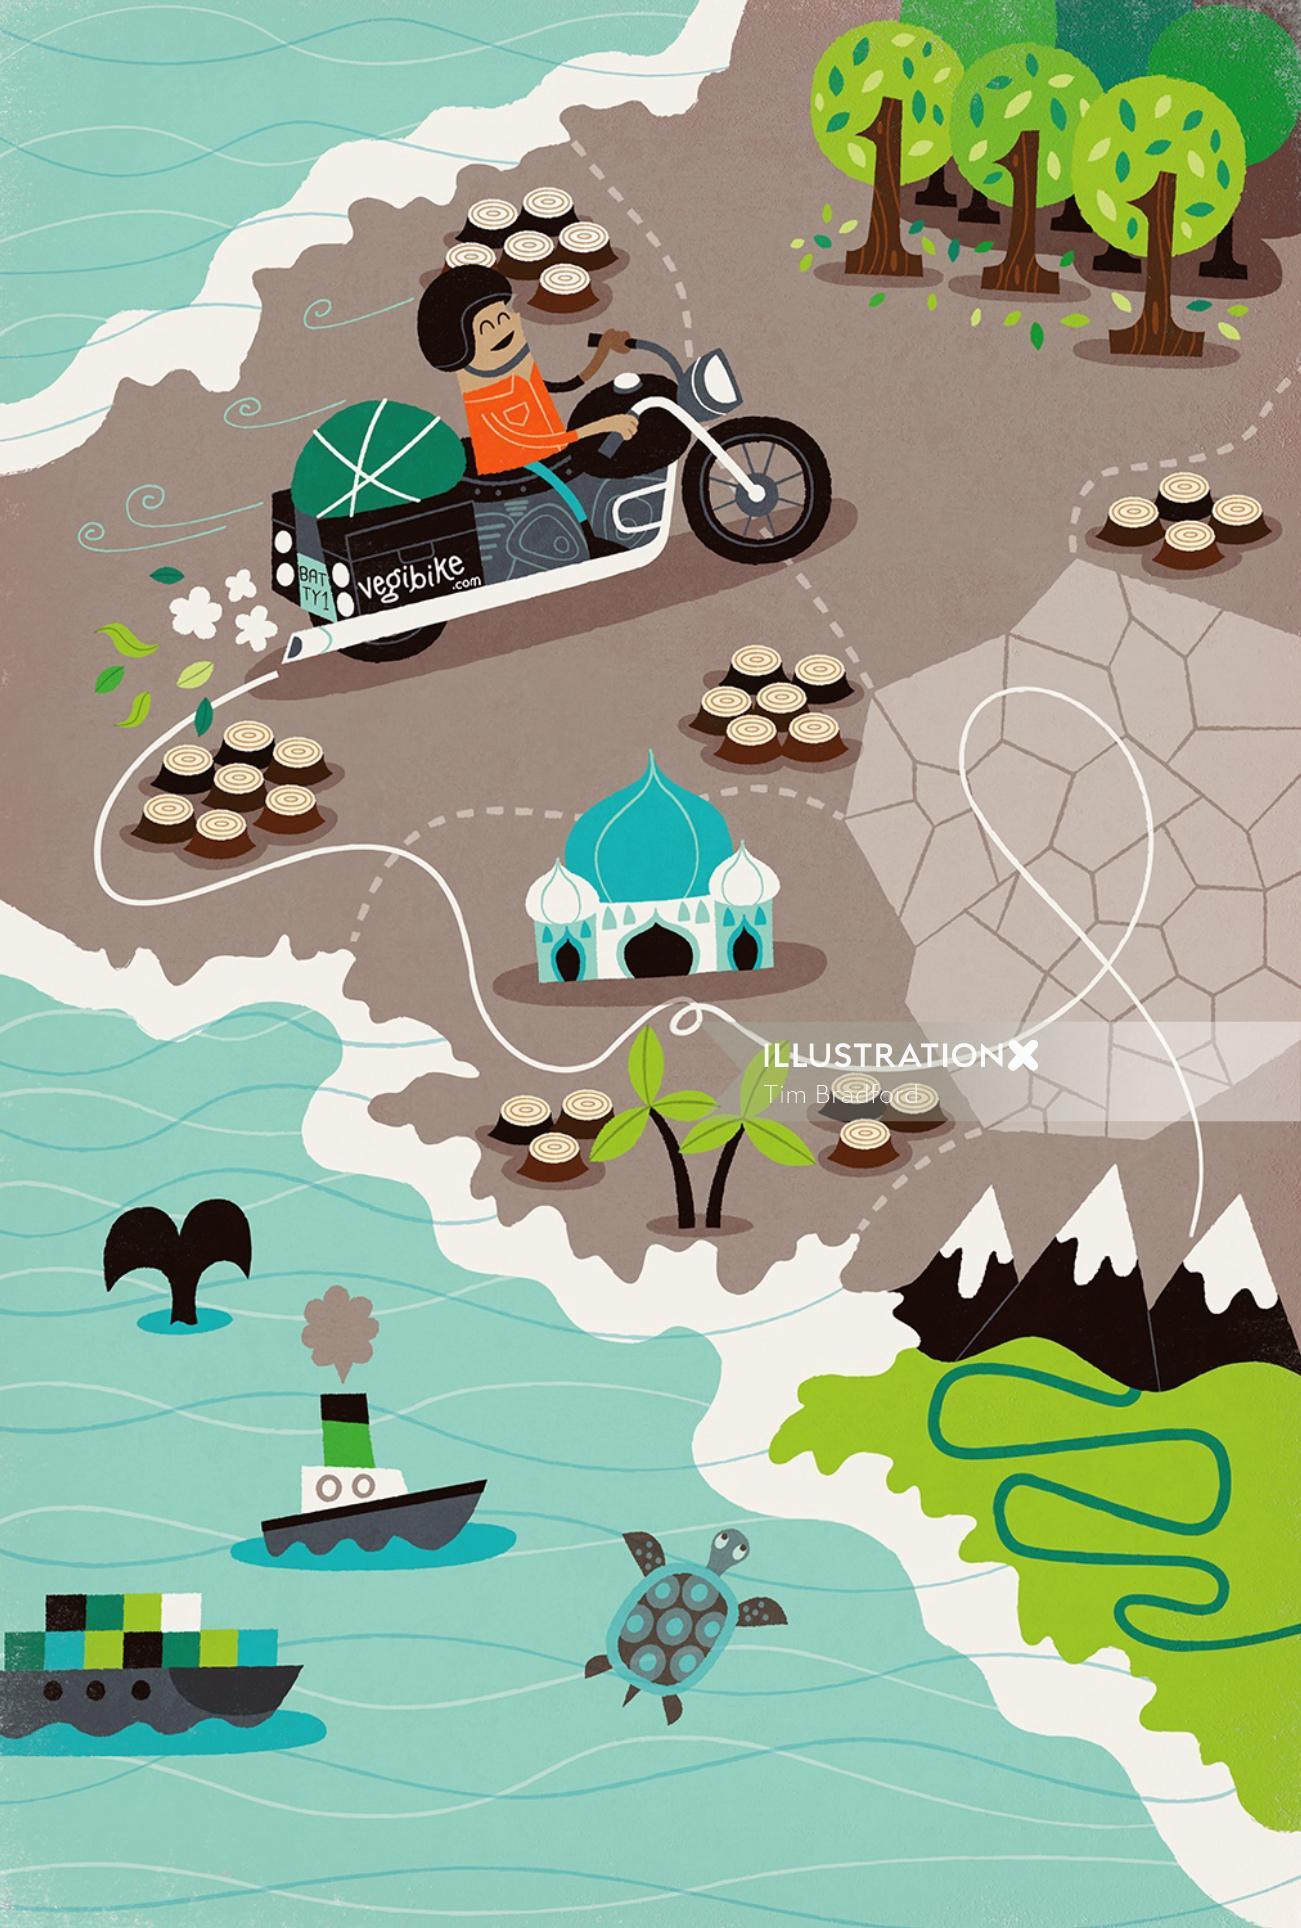 Map illustration of Vegi bike